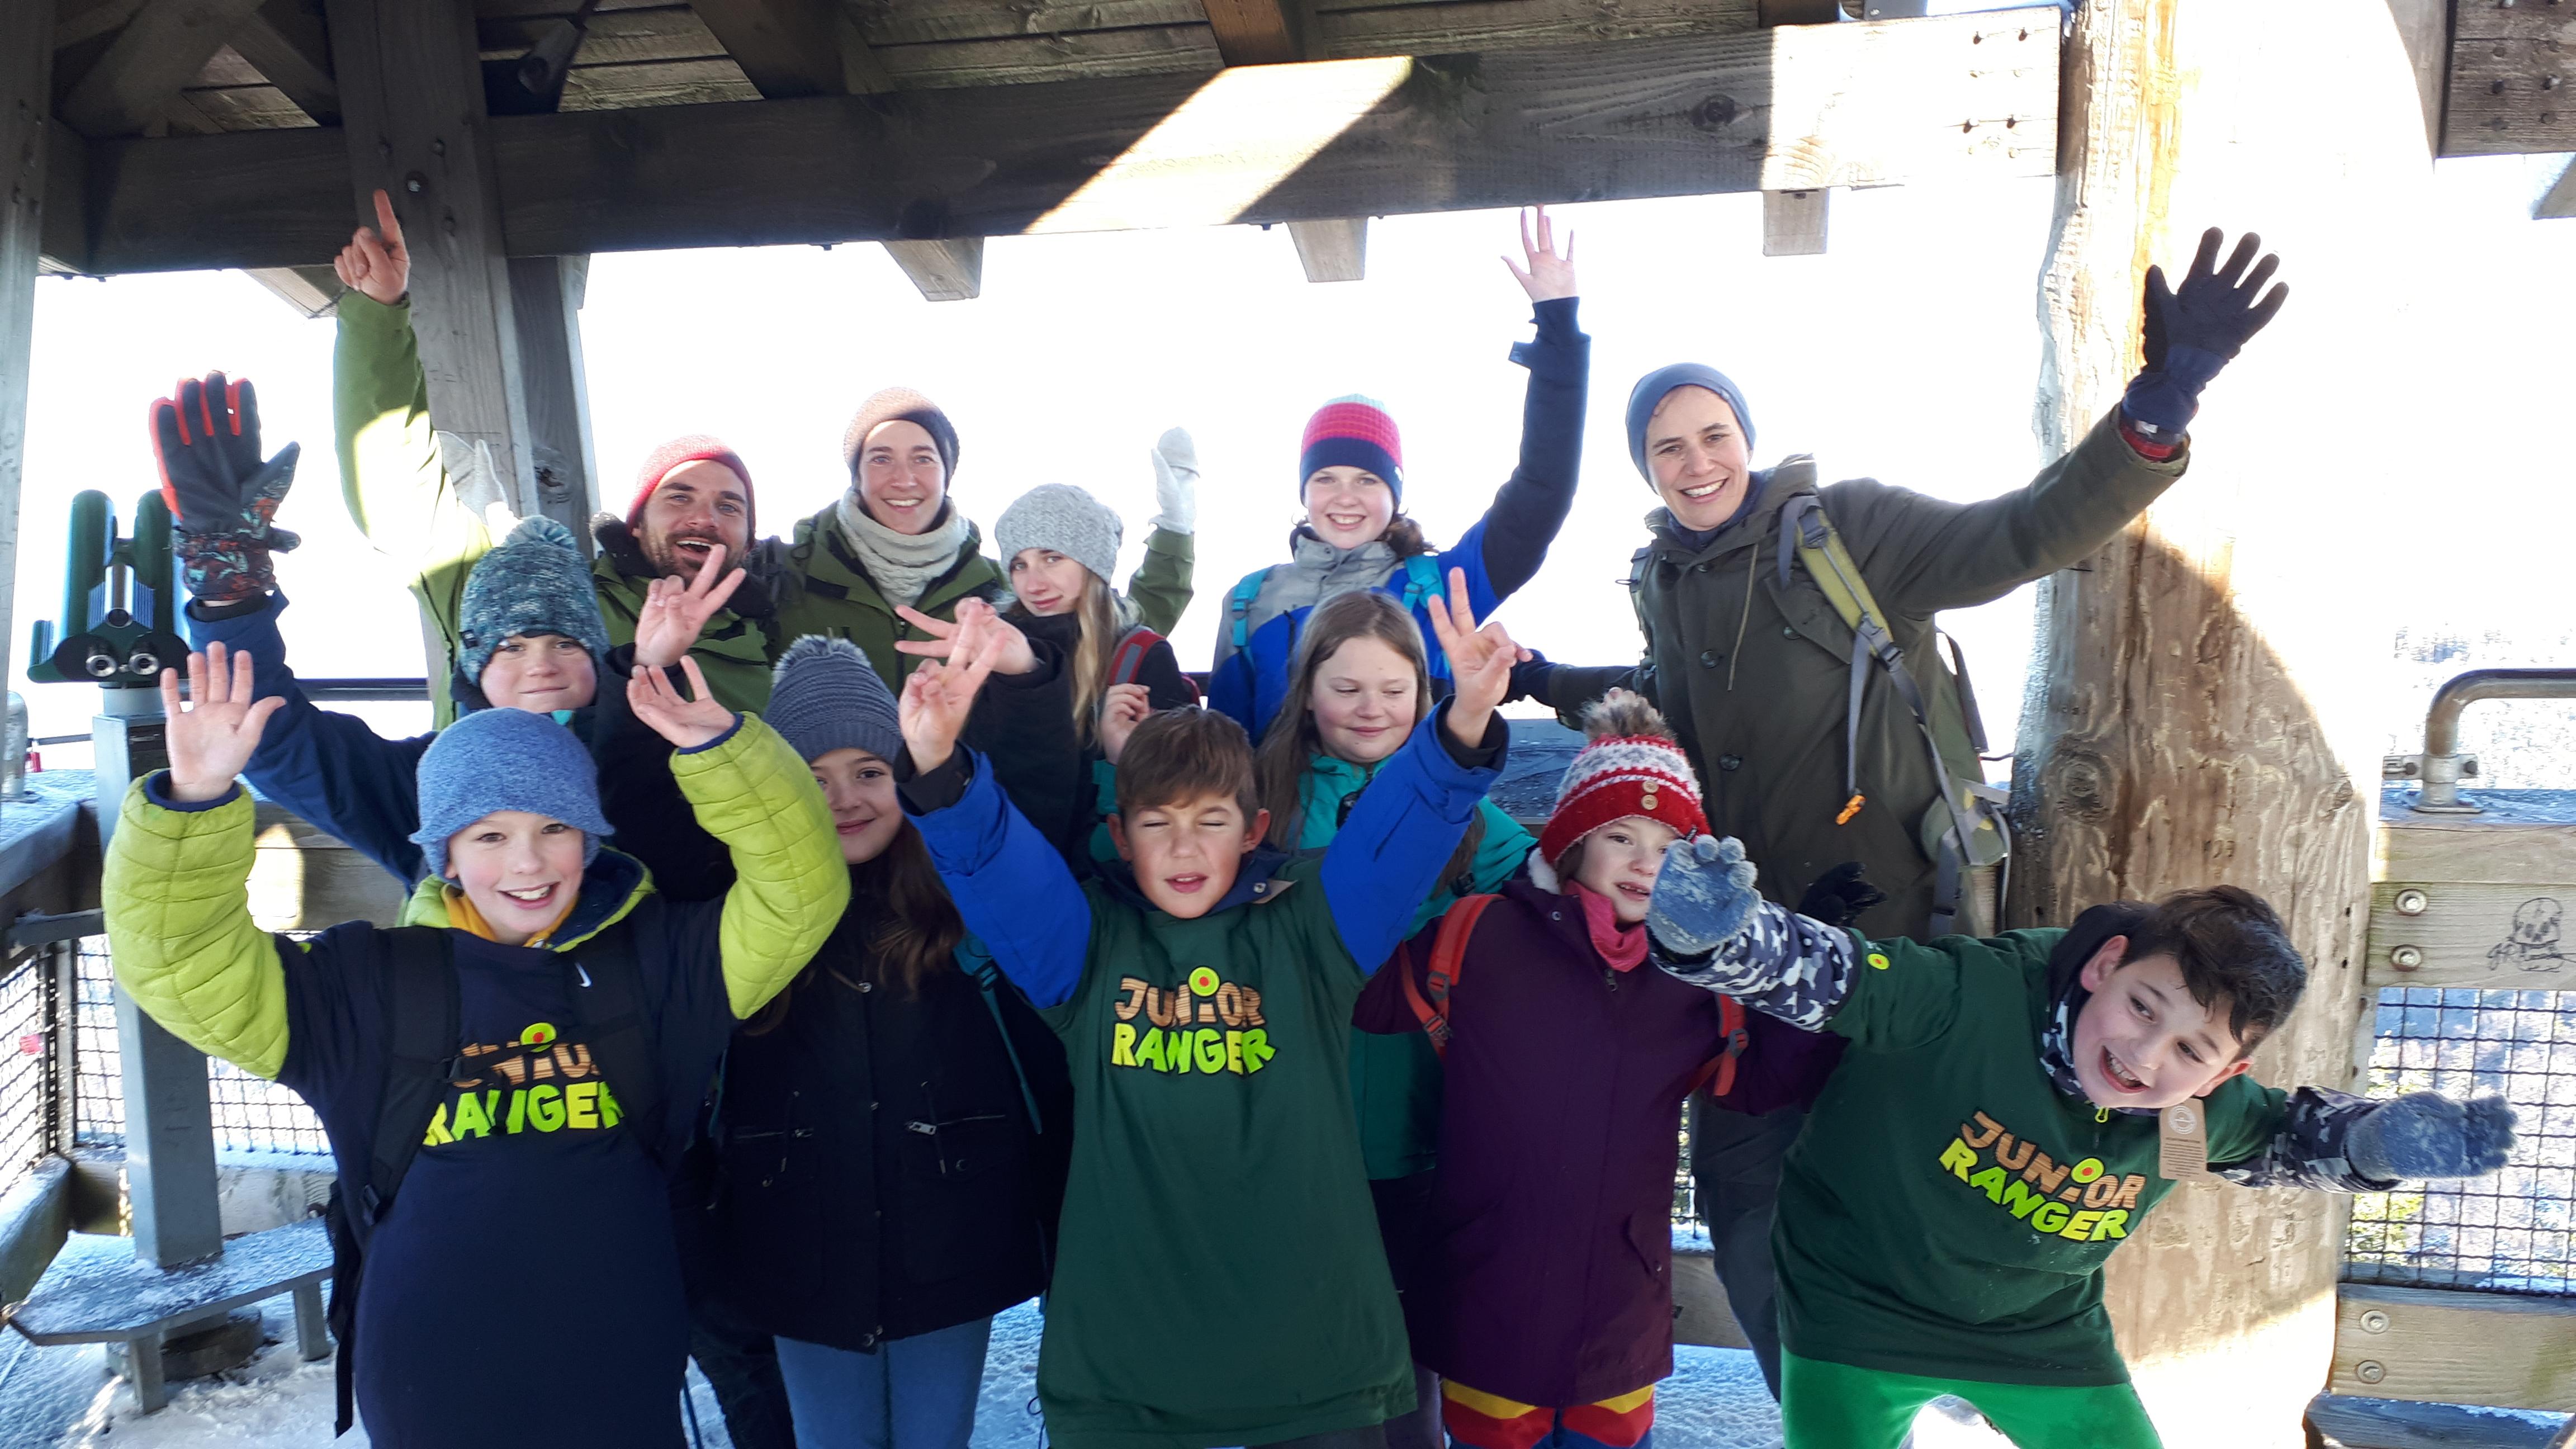 Neun neue Junior Ranger als junge Botschafter des Biosphärengebiets Schwarzwald